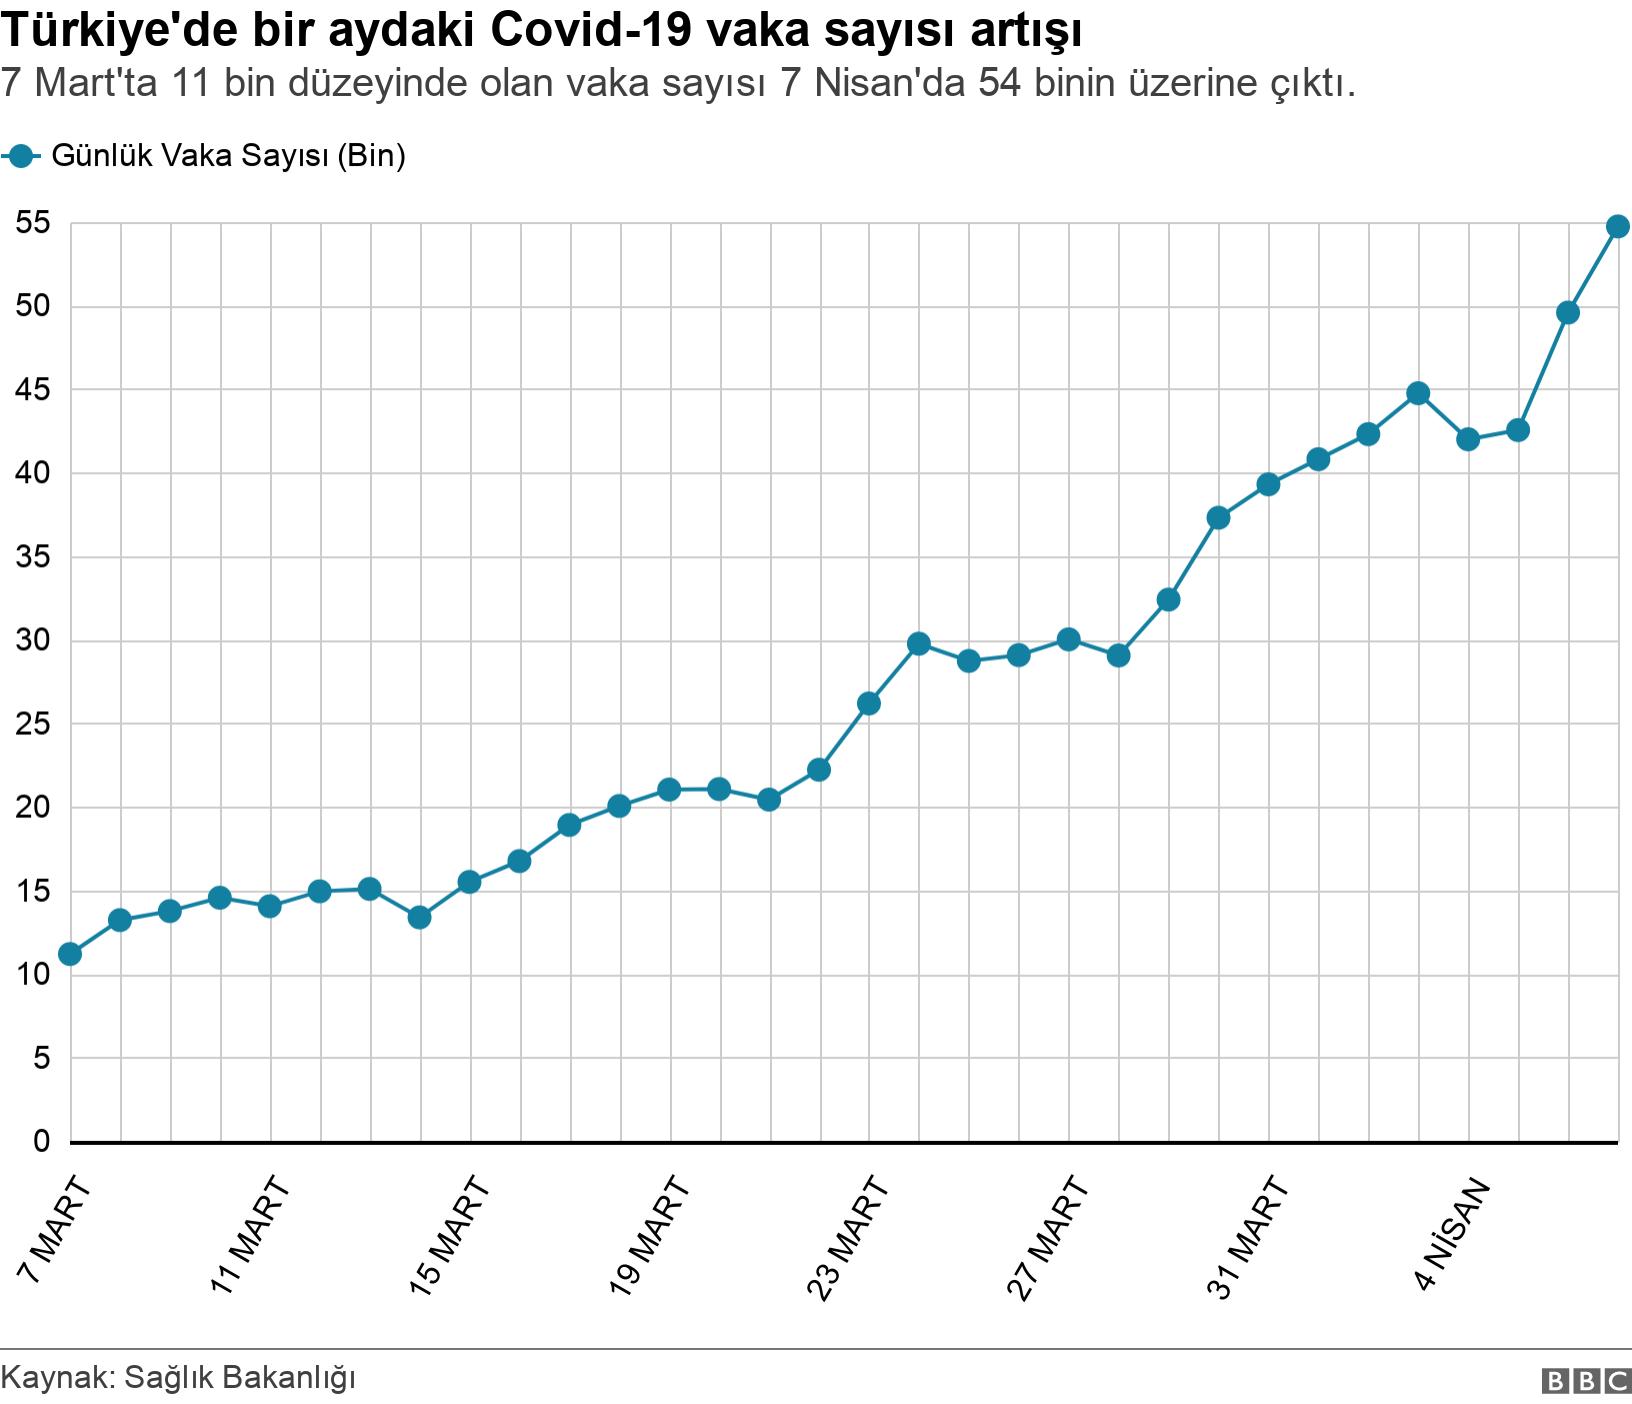 Türkiye'de bir aydaki Covid-19 vaka sayısı artışı. 7 Mart'ta 11 bin düzeyinde olan vaka sayısı 7 Nisan'da 54 binin üzerine çıktı.. Türkiye'de bir aydaki Covid-19 vaka sayısı artışı .